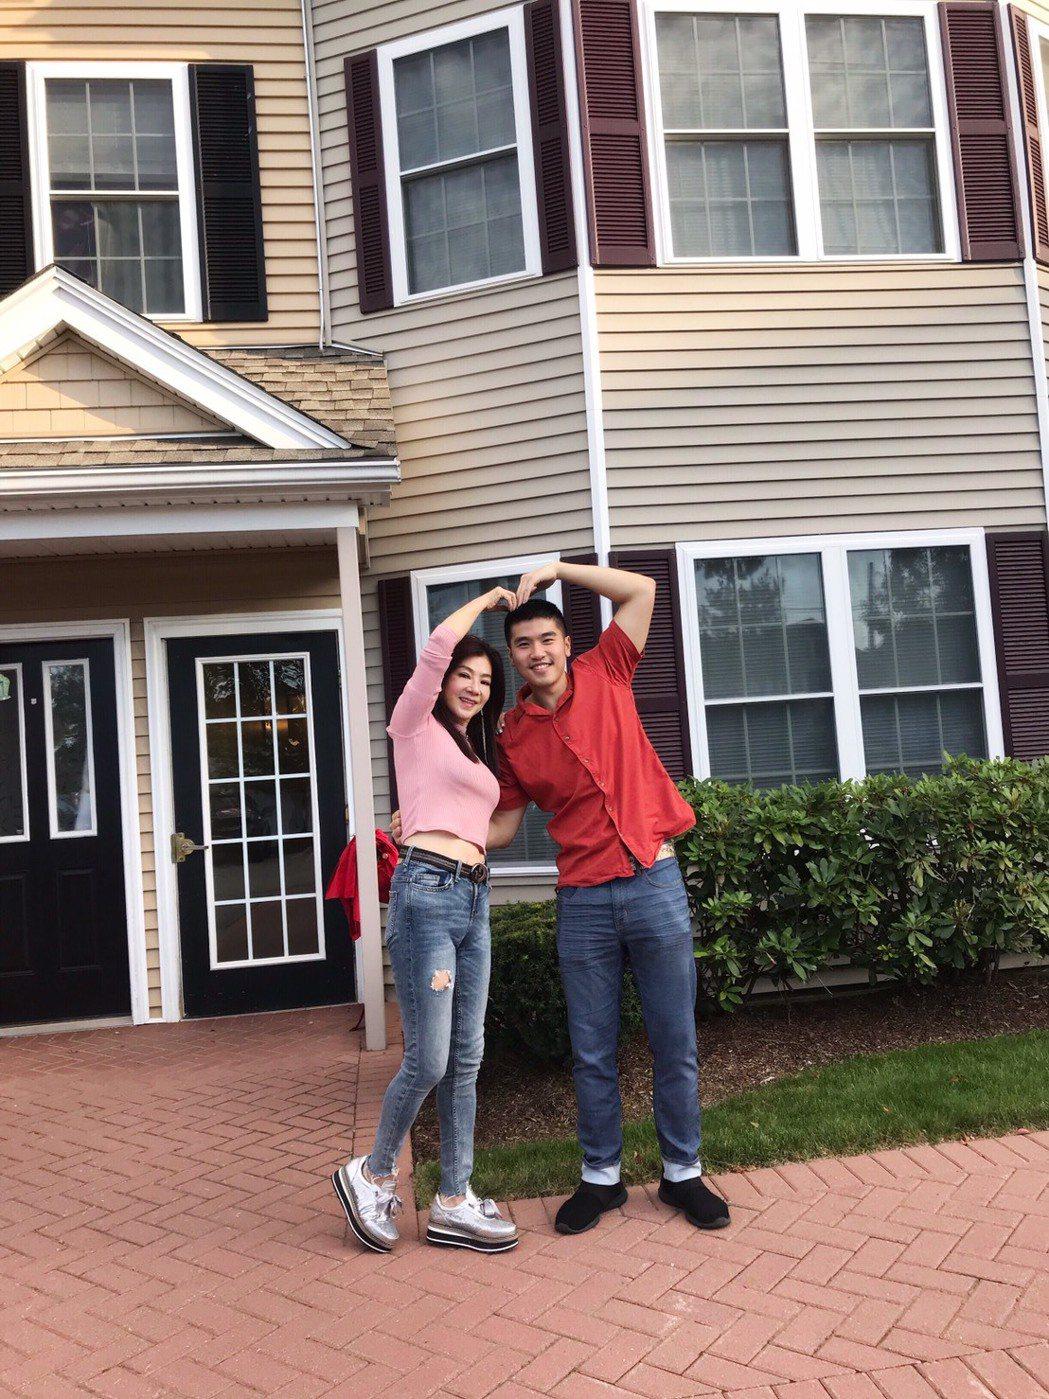 蔣黎麗花80萬美金(約合2400萬台幣)幫小兒子Victor在美波士頓買的房子。...